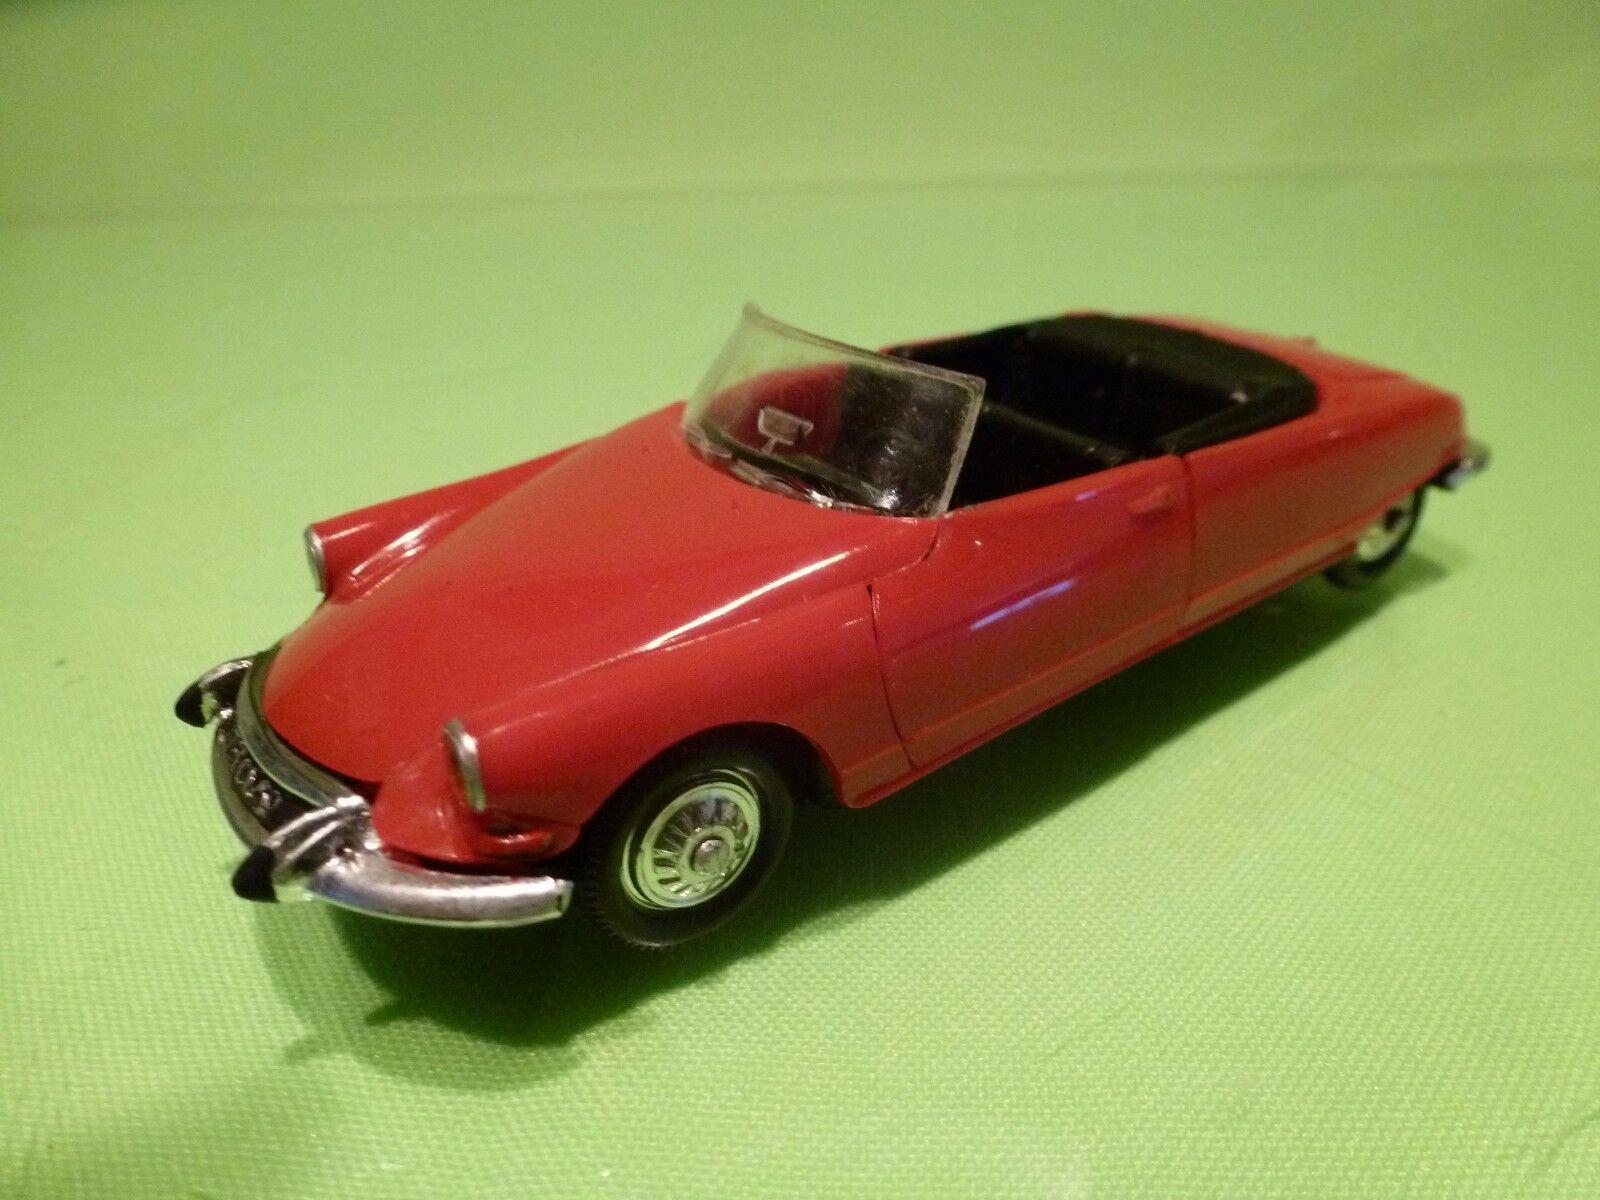 ventas en linea NOREV 88  DS 21 - CABRIOLET - rojo rojo rojo 1 43 - GOOD CONDITION  salida para la venta